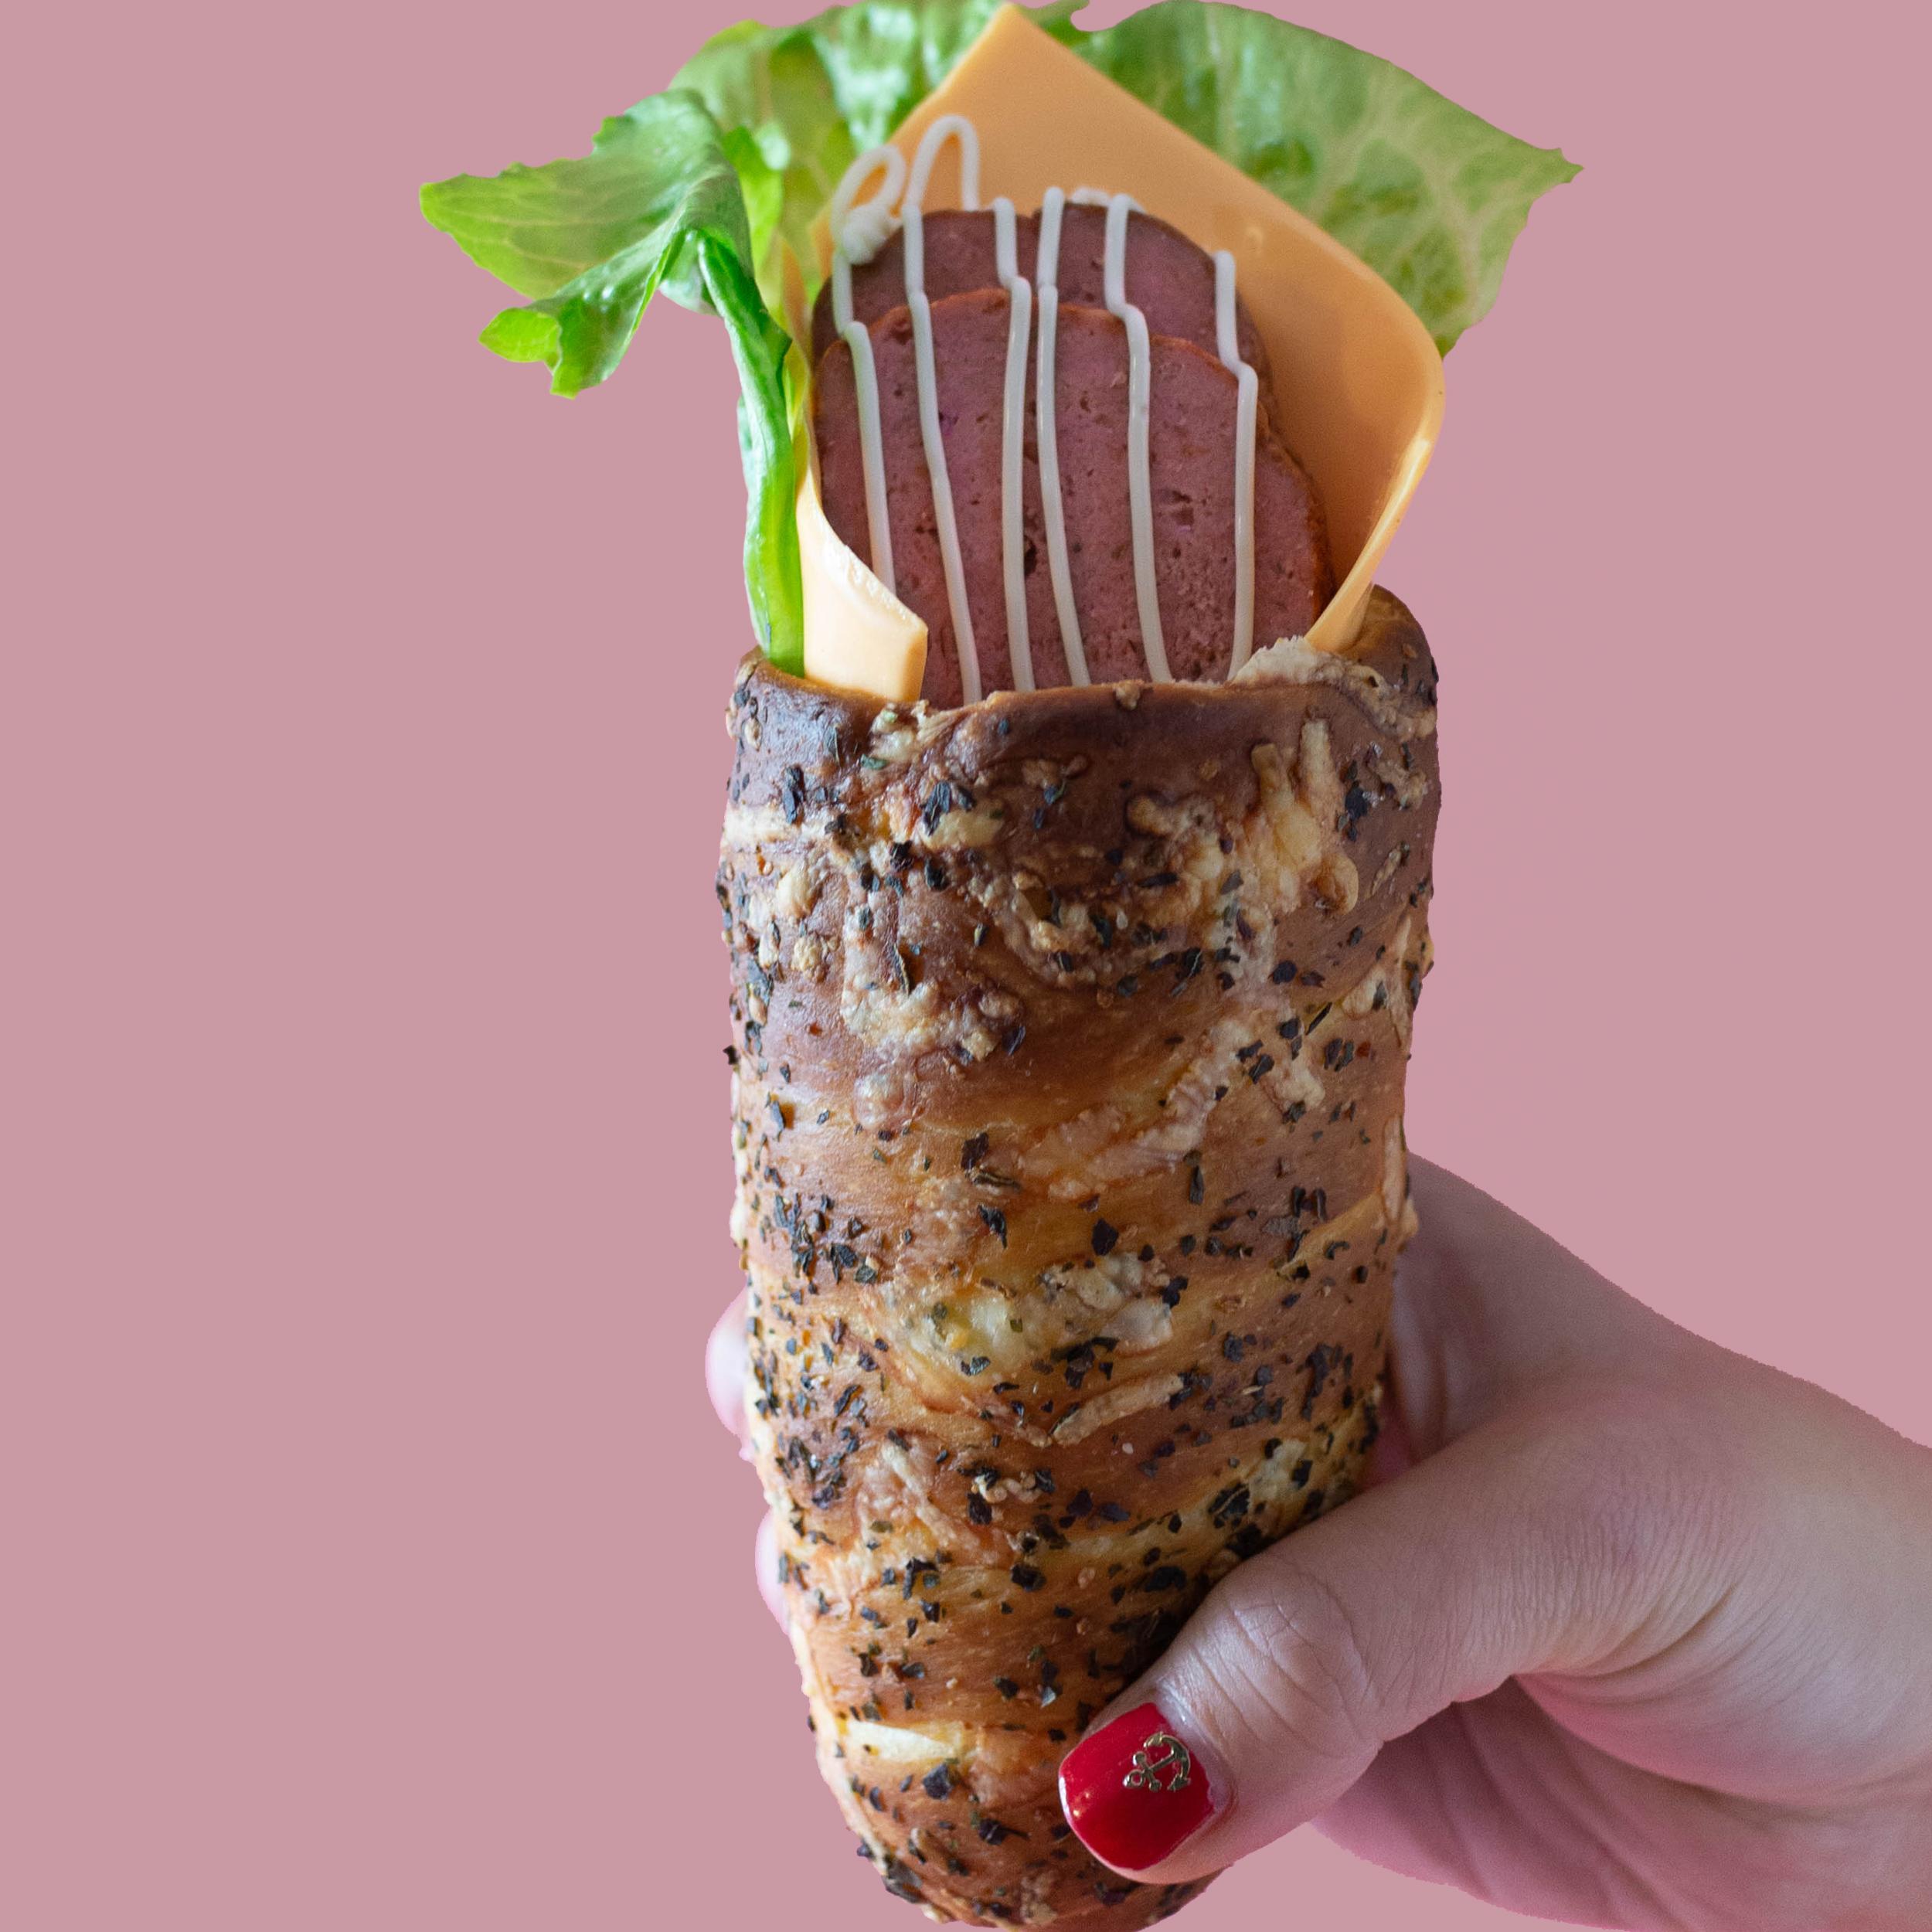 BOHEMIA(ボヘミア)…………………….……….. ¥700+税   ボリューム感のあるチェコRavy社のミートローフ、チーズと新鮮野菜をハーブでコーティングしたトゥルデルニーク生地でサンド。小腹が空いた時にぴったり。チェコビールとの相性が抜群。